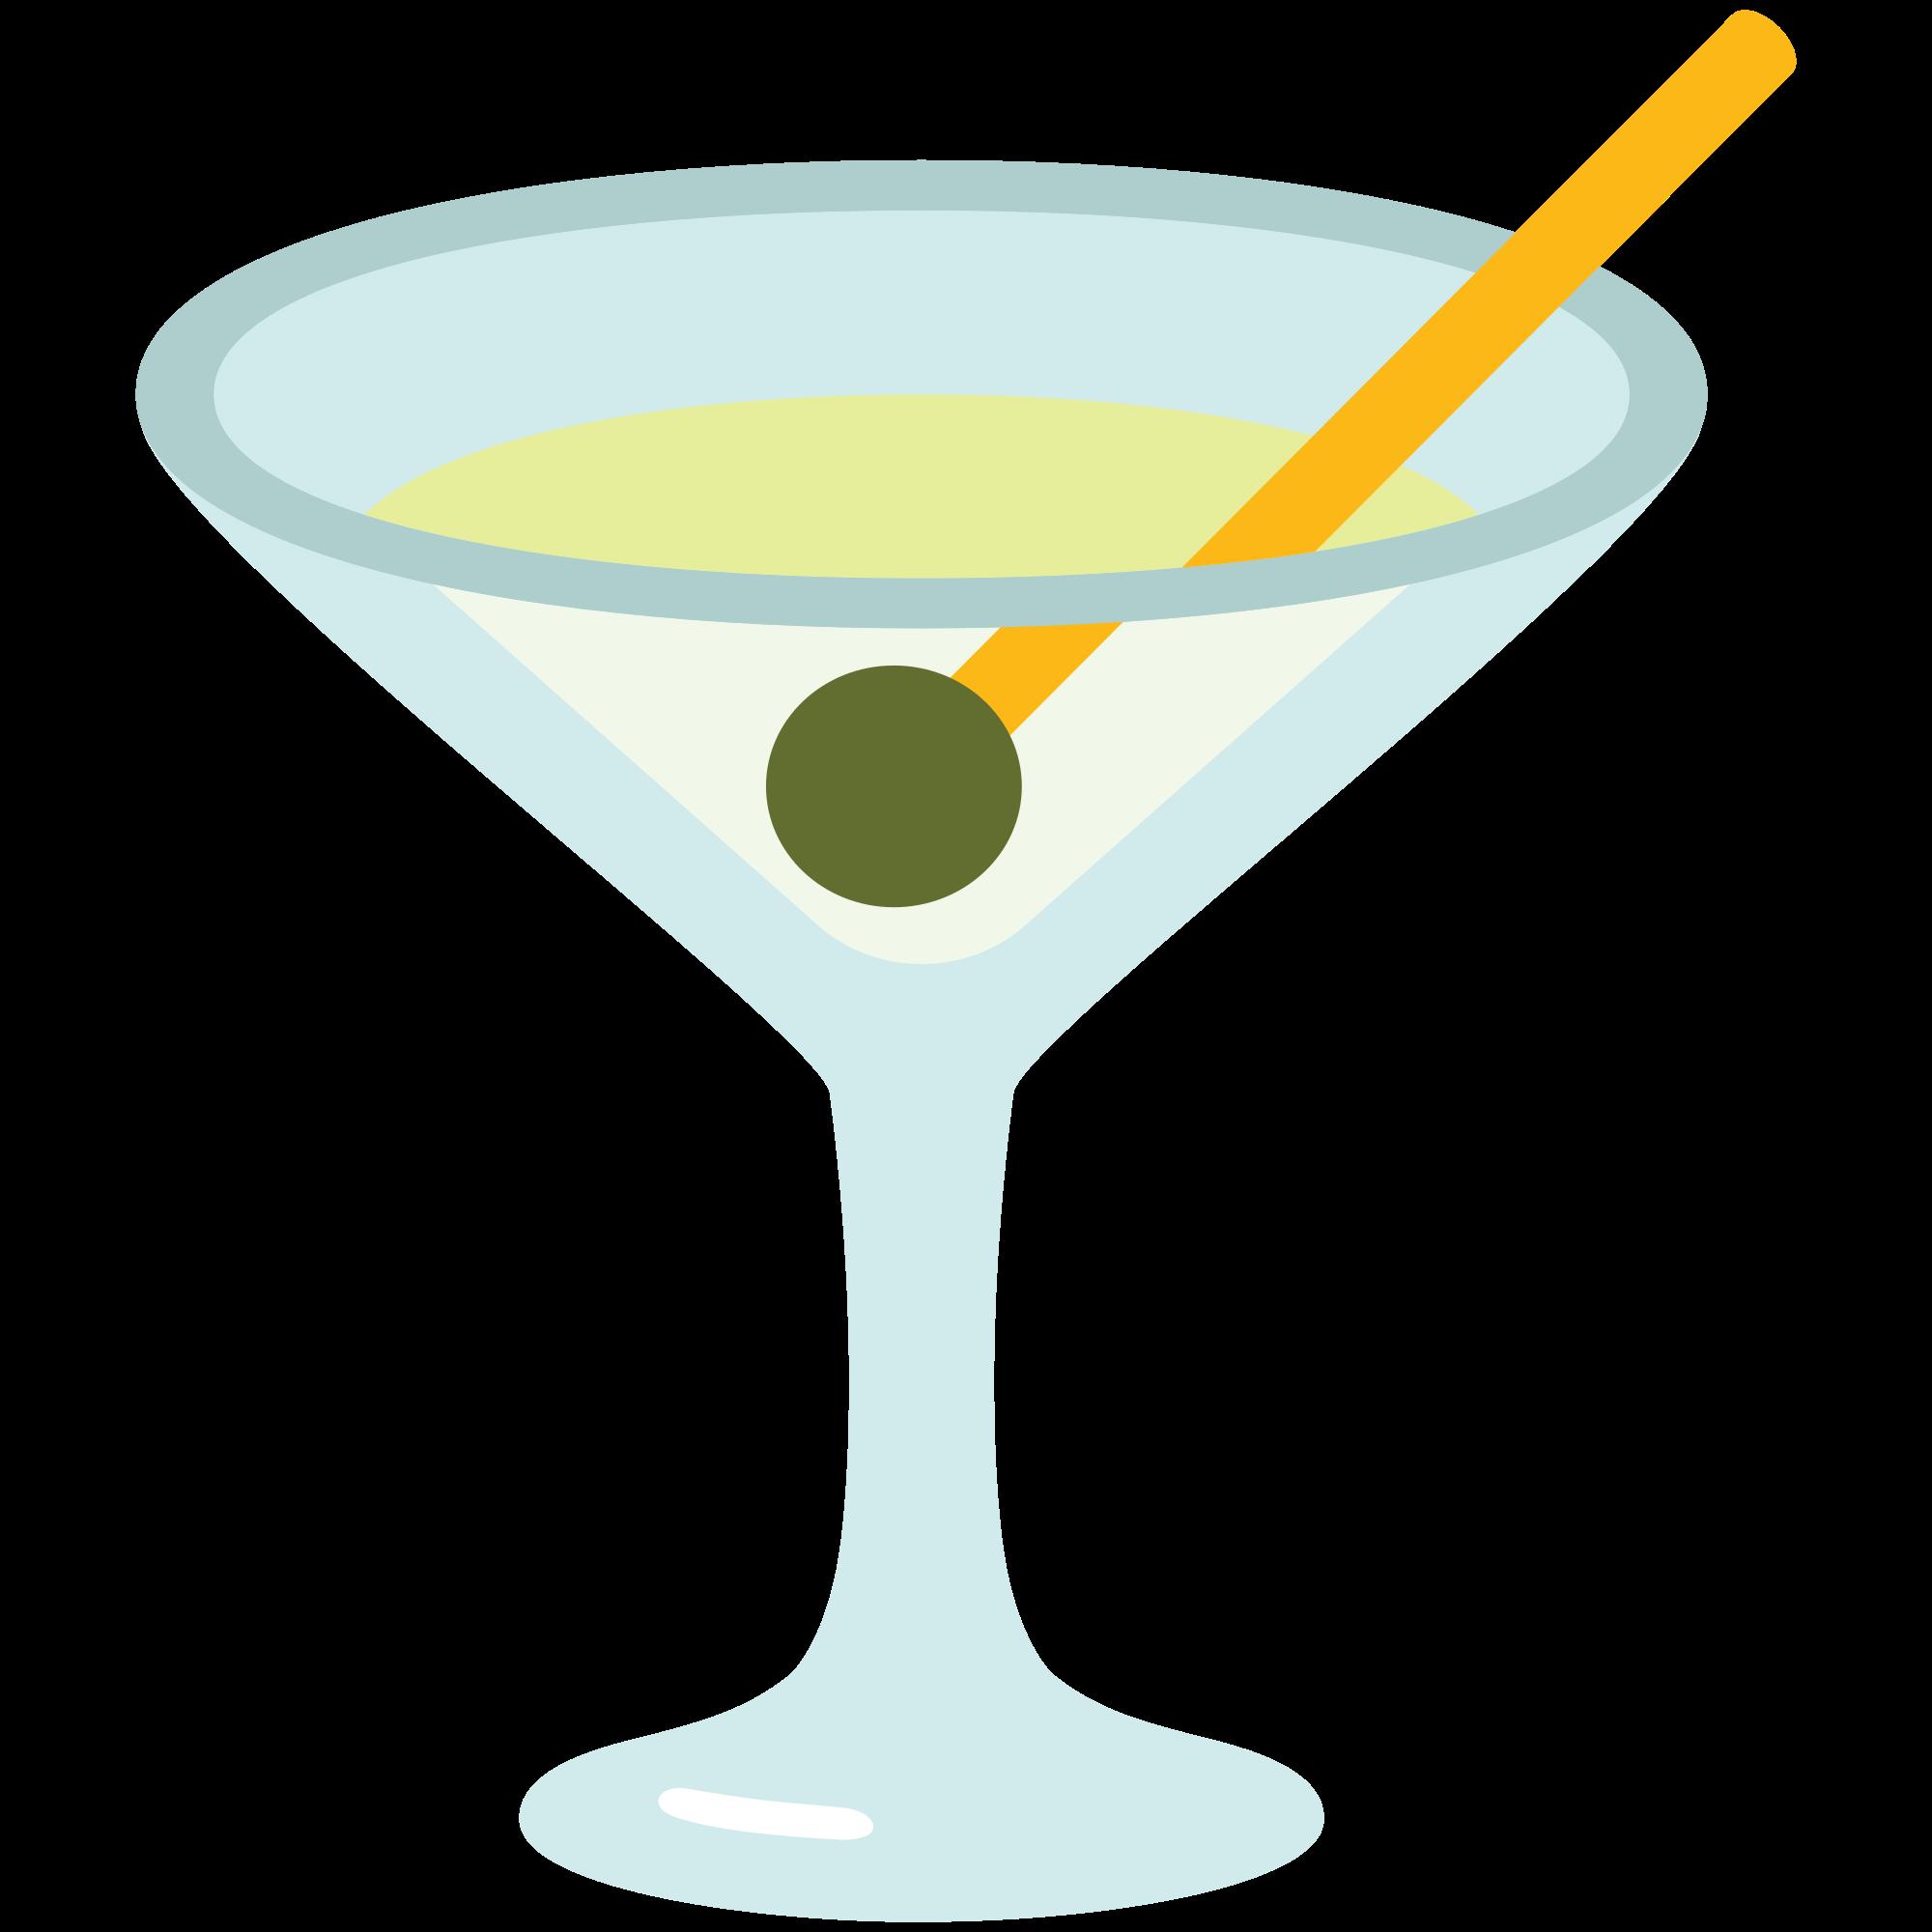 Cocktails clipart welcome drink. File emoji u f